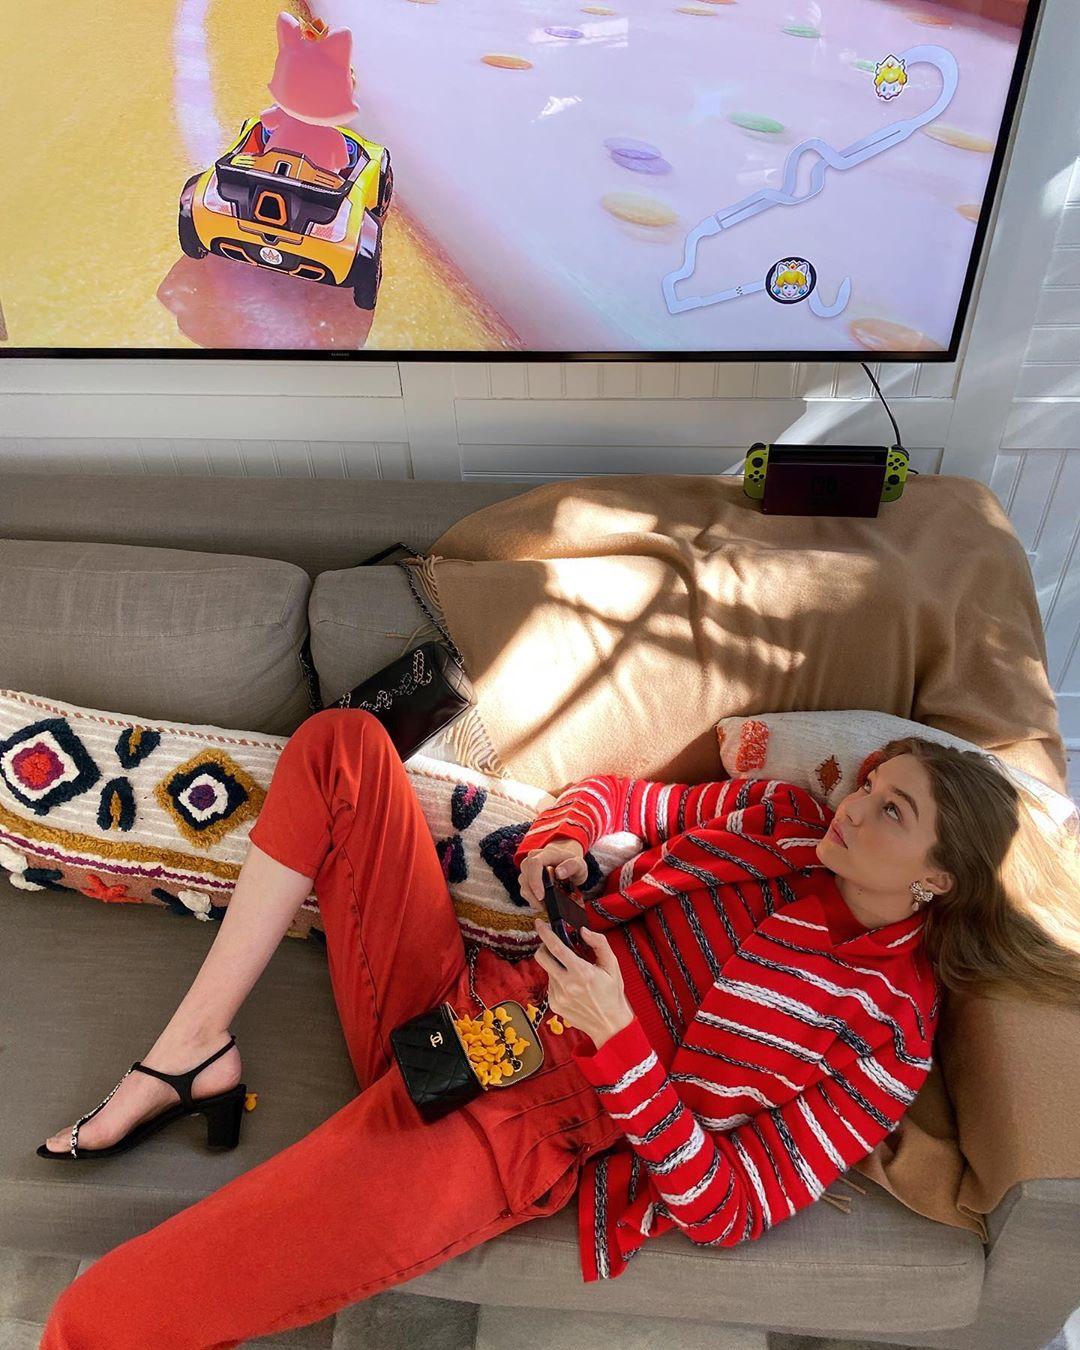 gigi hadid chụo ảnh tạp chí tại nhà trang phục chanel chơi trò chơi điện tử